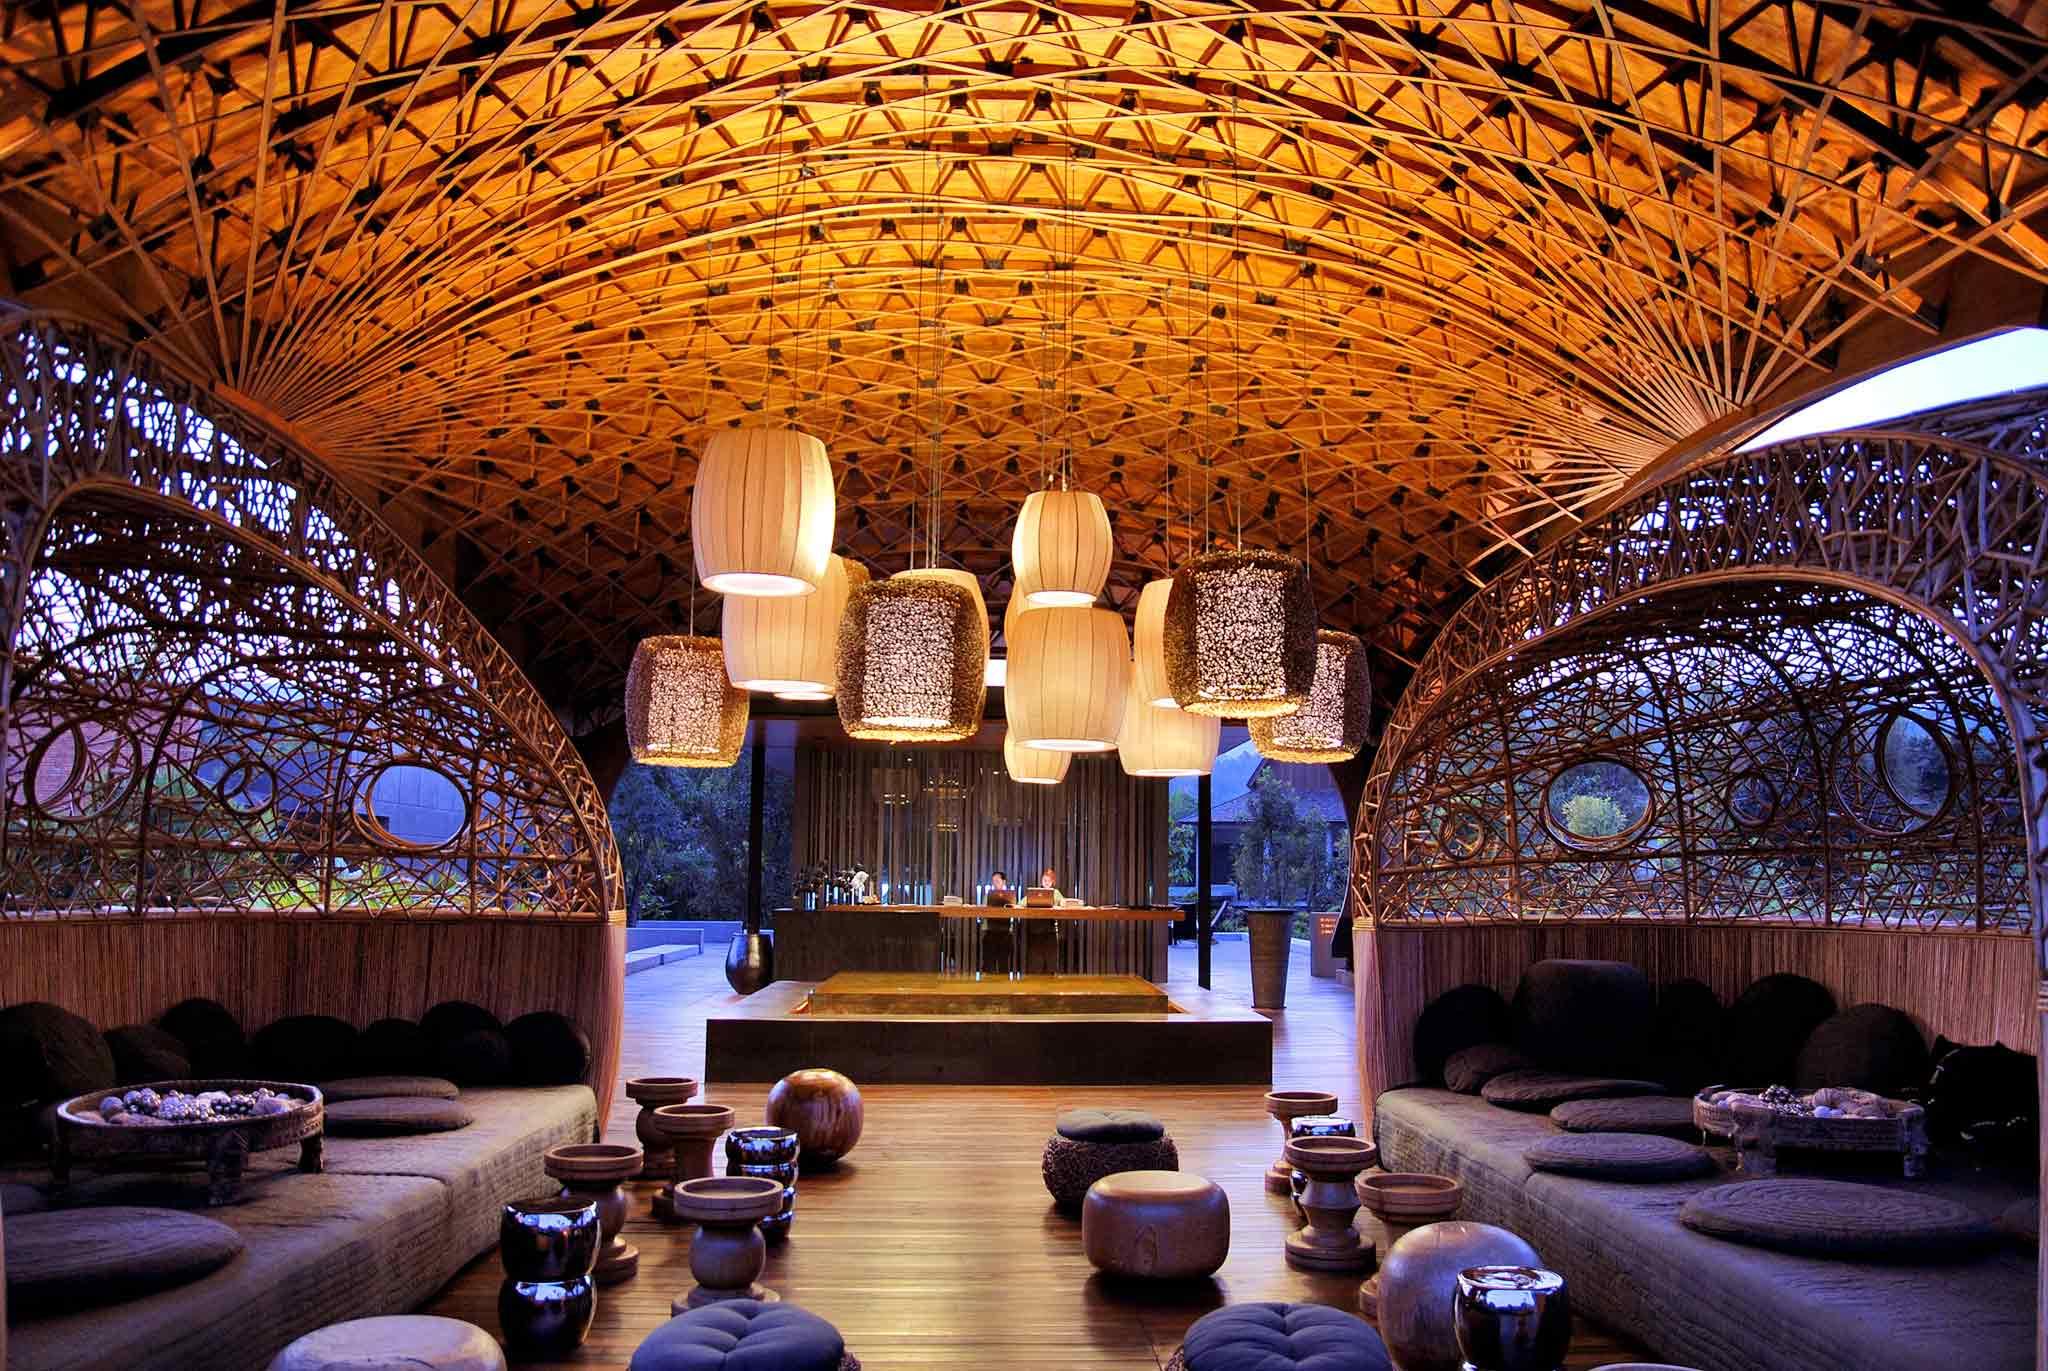 โรงแรม – วีรันดา ไฮ รีสอร์ท เชียงใหม่ - เอ็มแกลเลอรี บาย โซฟิเทล